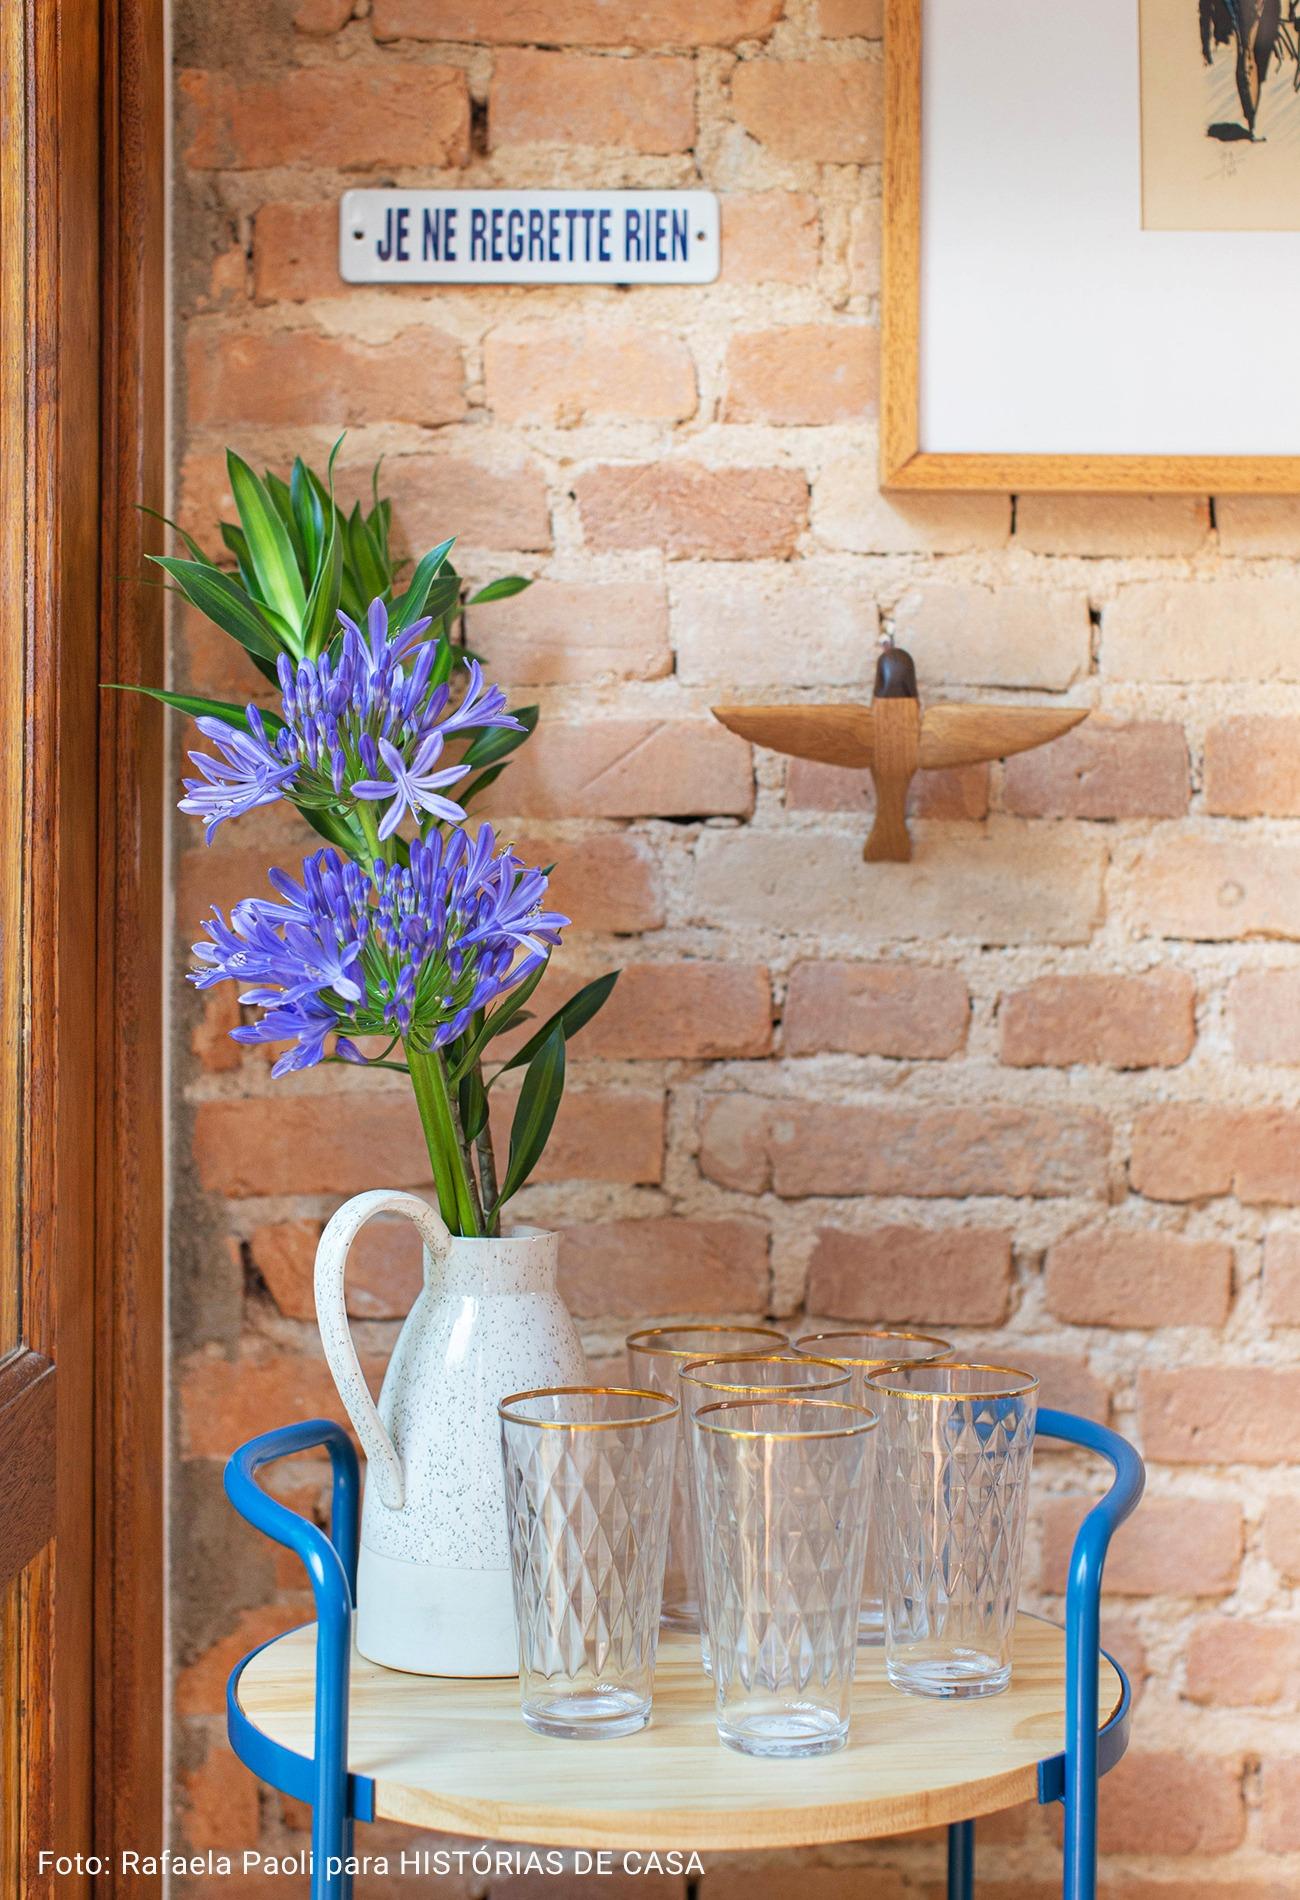 detalhe mesa de apoio com copos de vidro